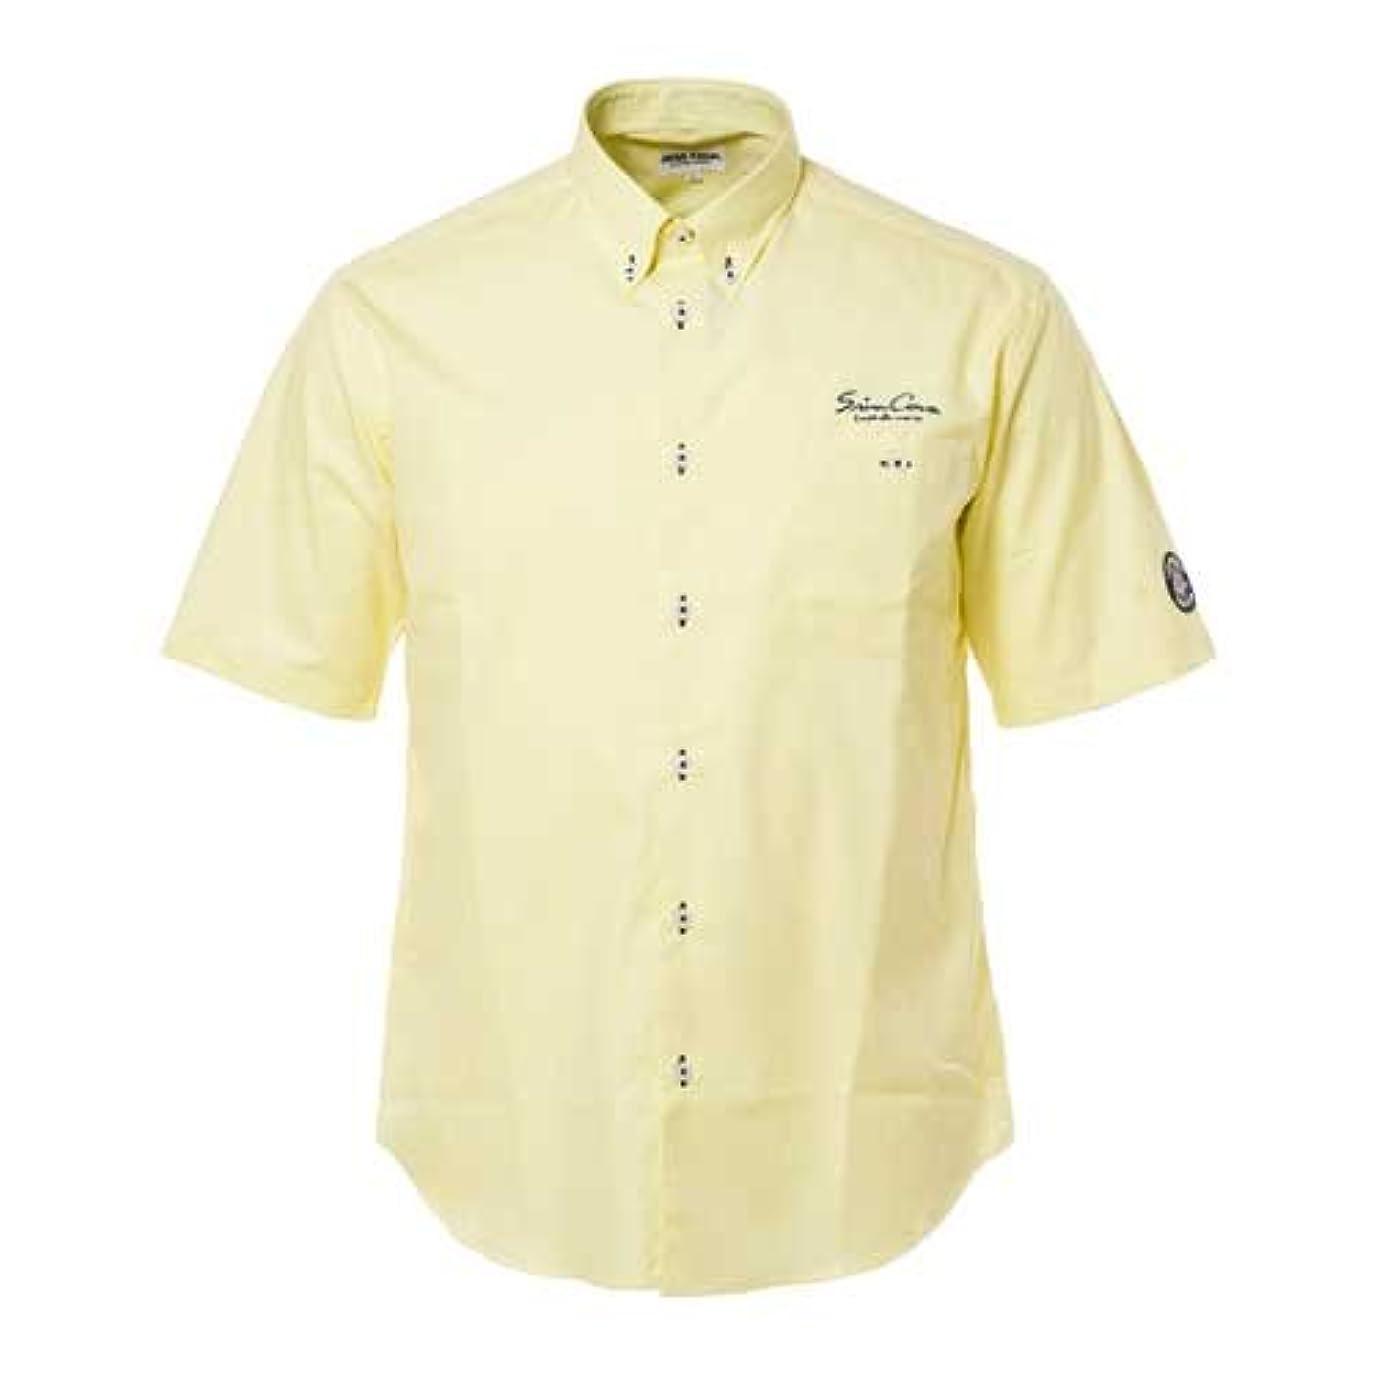 お世話になった物足りない症候群(シナコバ) SINA COVA 半袖ボタンダウンシャツ ライトイエロー Lサイズ